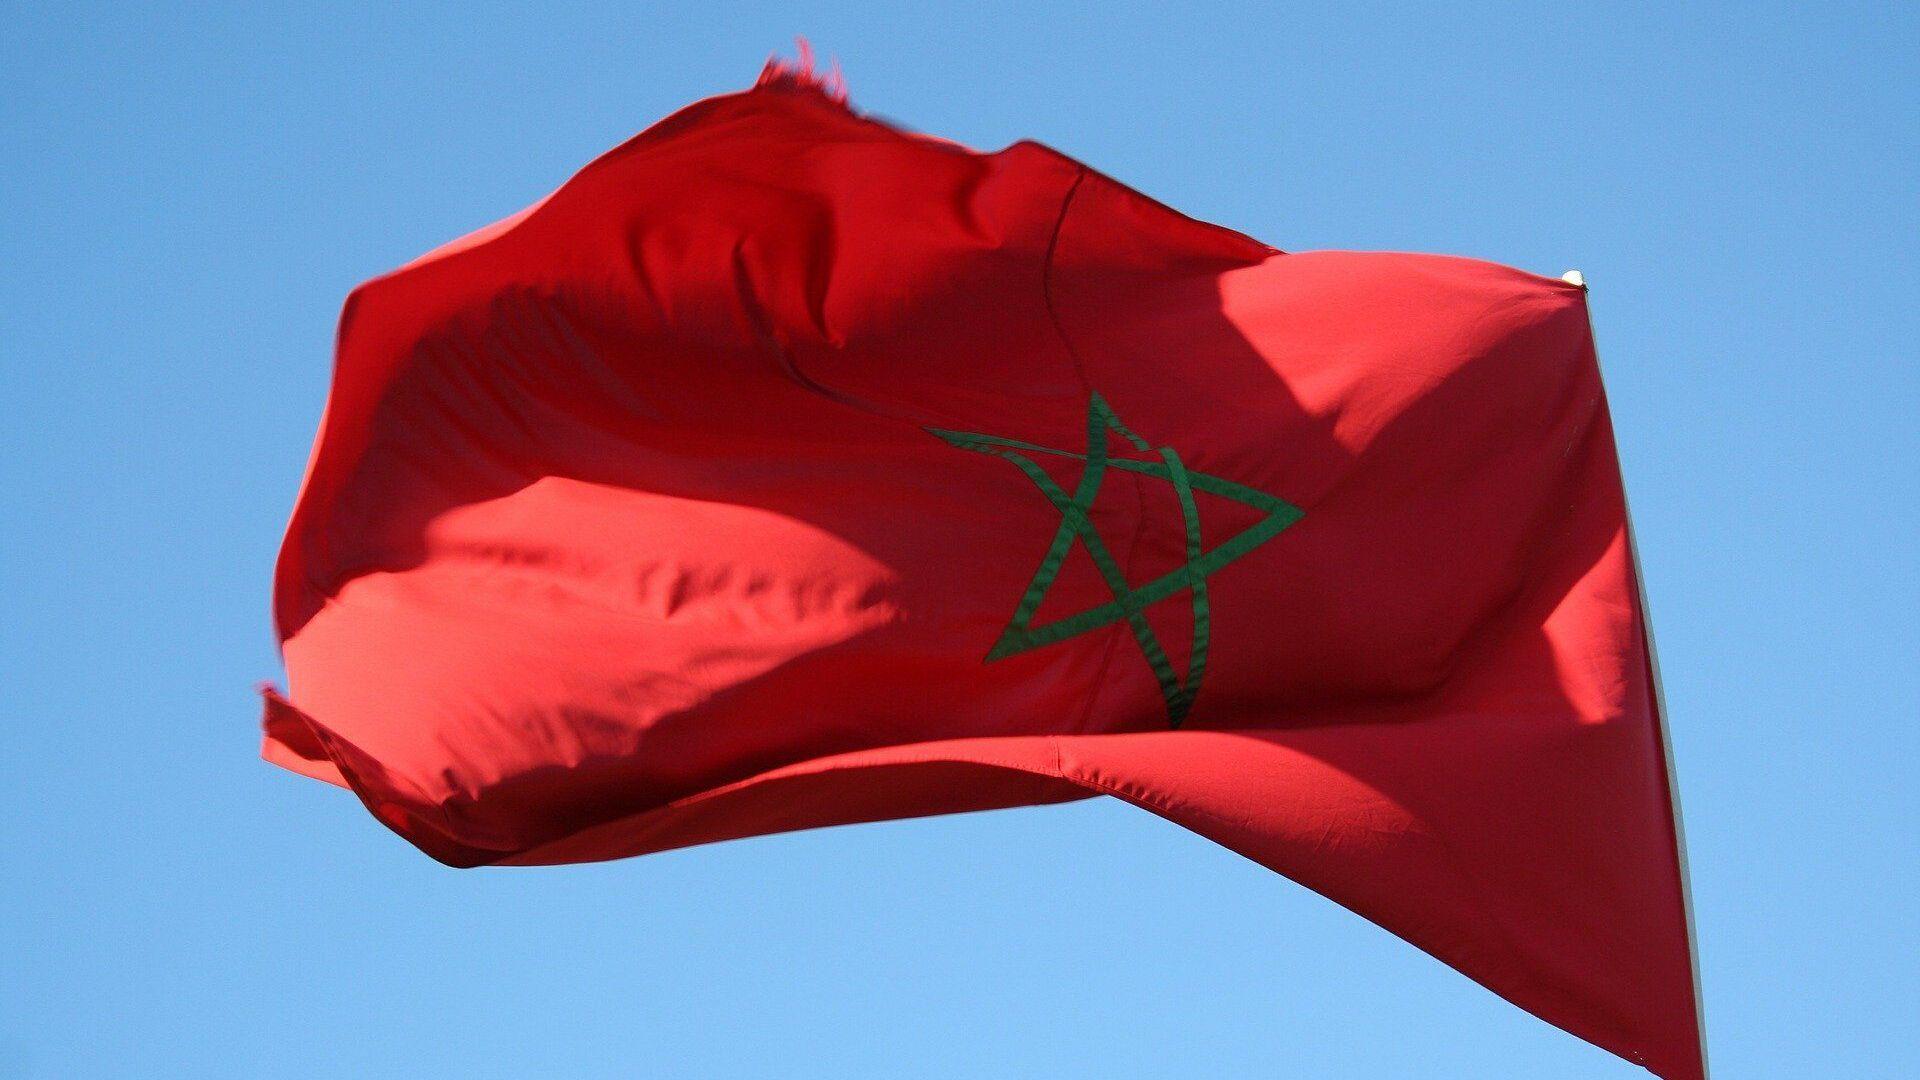 Drapeau Maroc  - Sputnik France, 1920, 01.08.2021